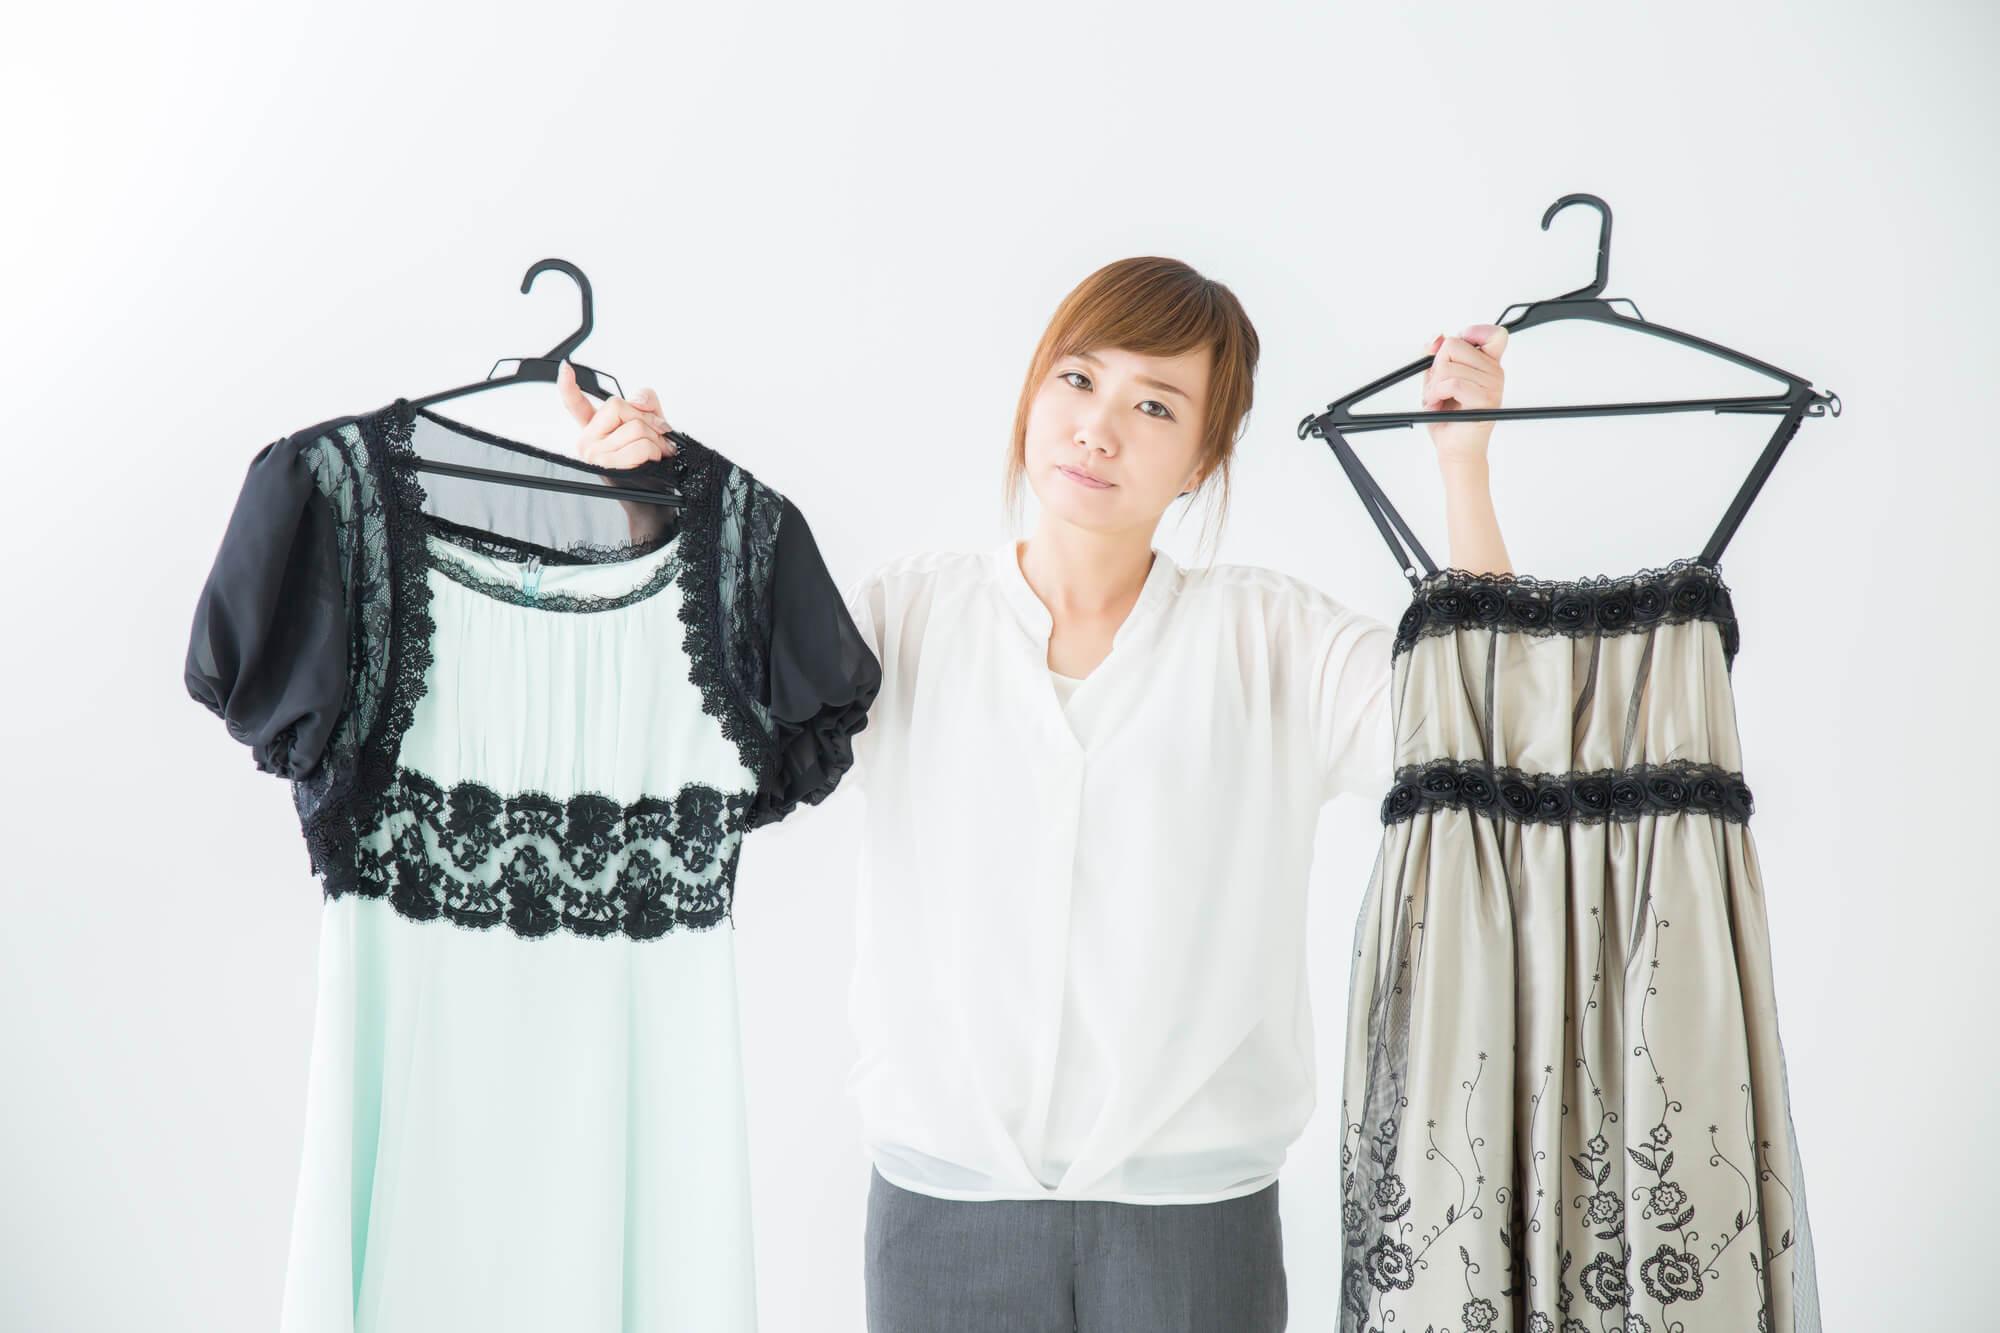 ネットレンタルで人気のドレスセット